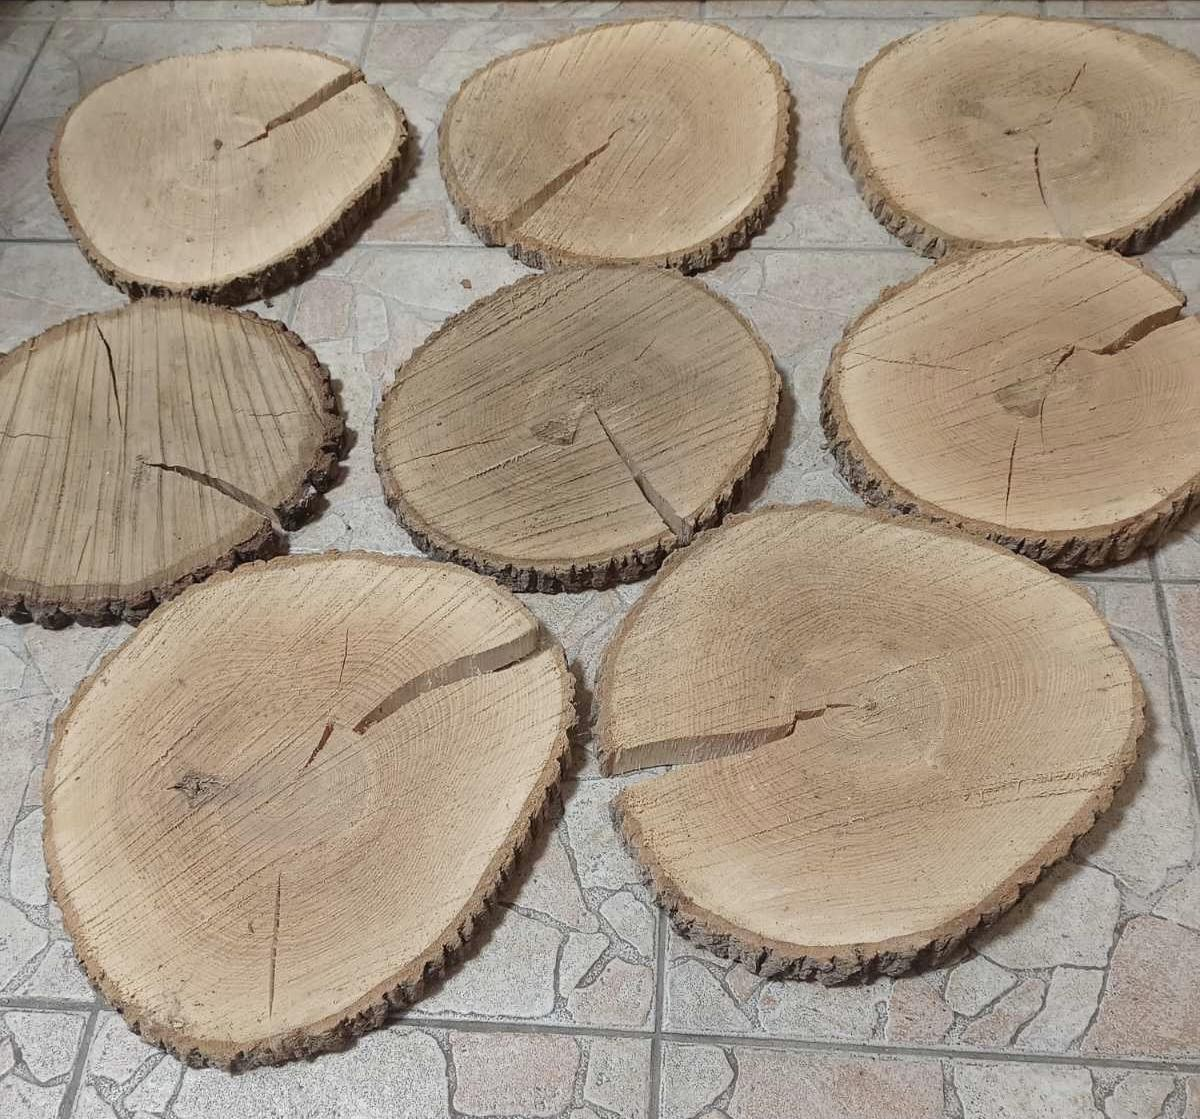 Dřevěné kulatiny / podnosy, průměr cca 30-32 cm - Obrázek č. 4